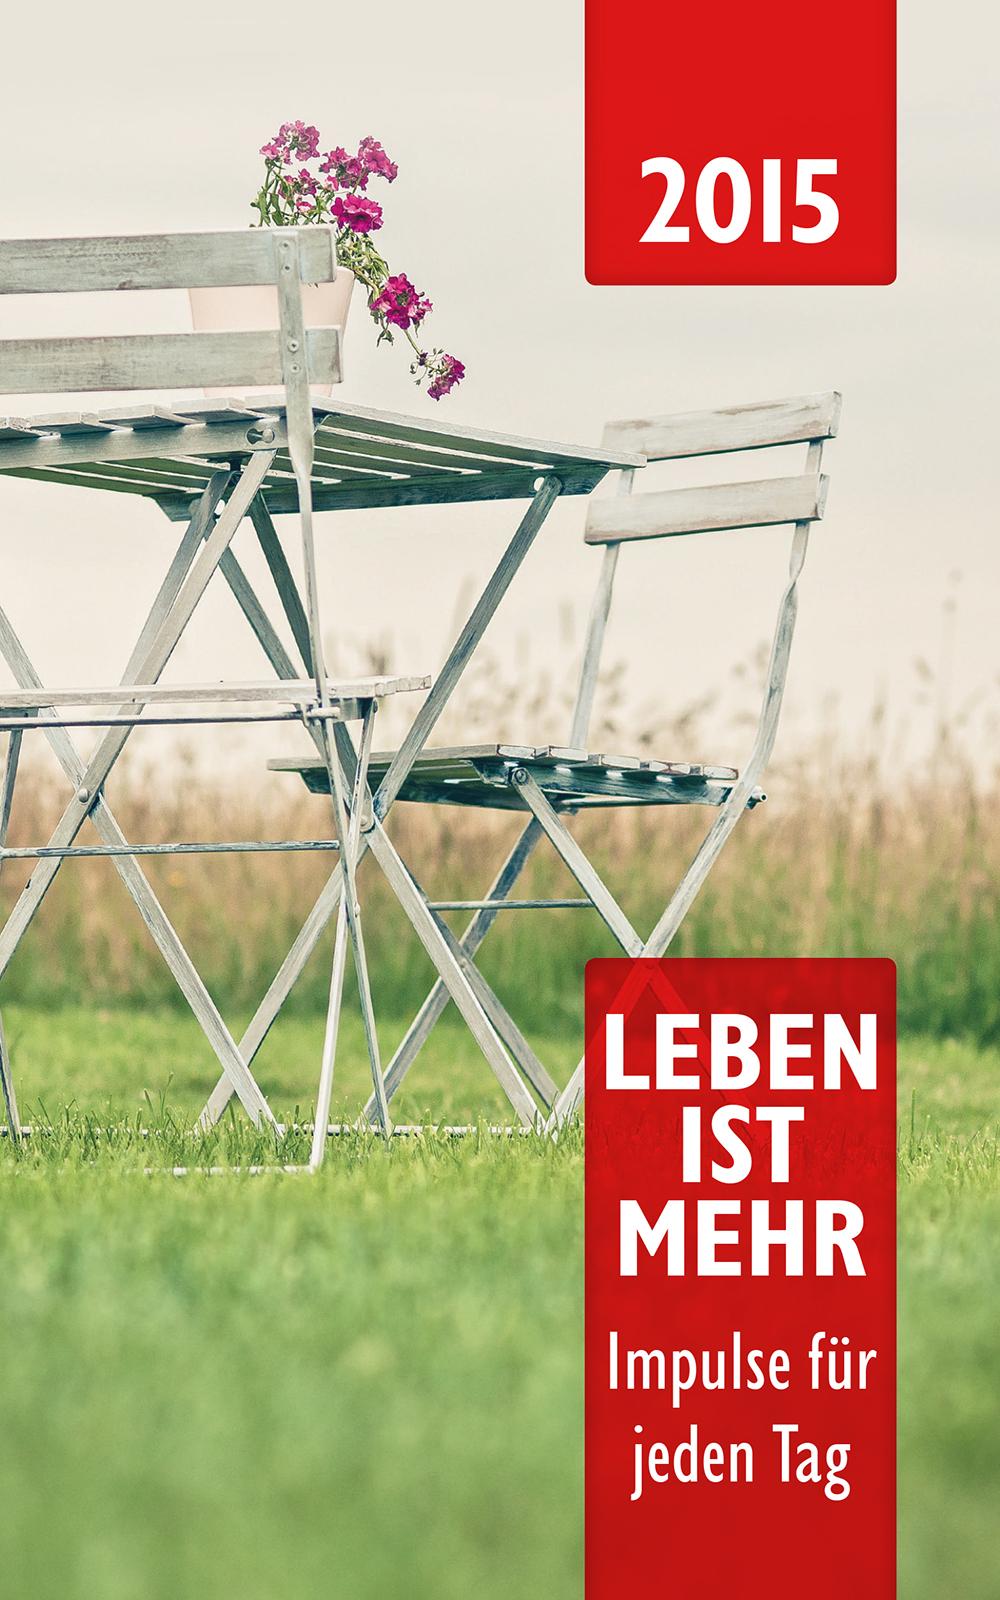 CLV_leben-ist-mehr-2015-paperback_256258_1